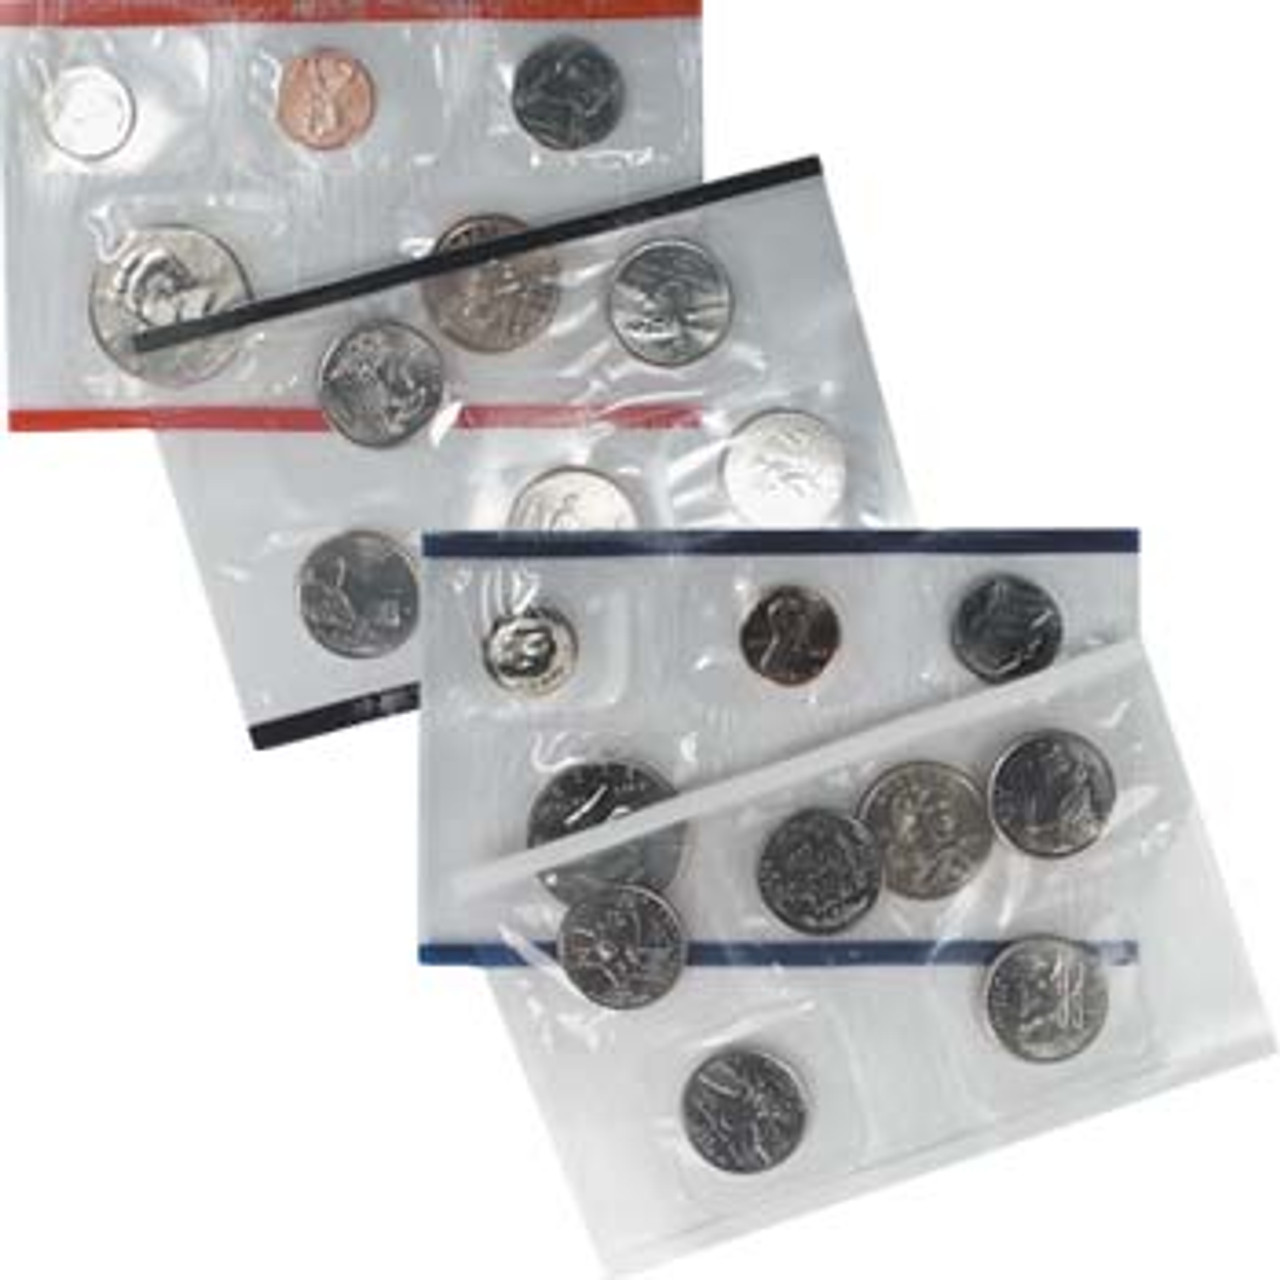 2003 Mint Set 20 Coins Image 1